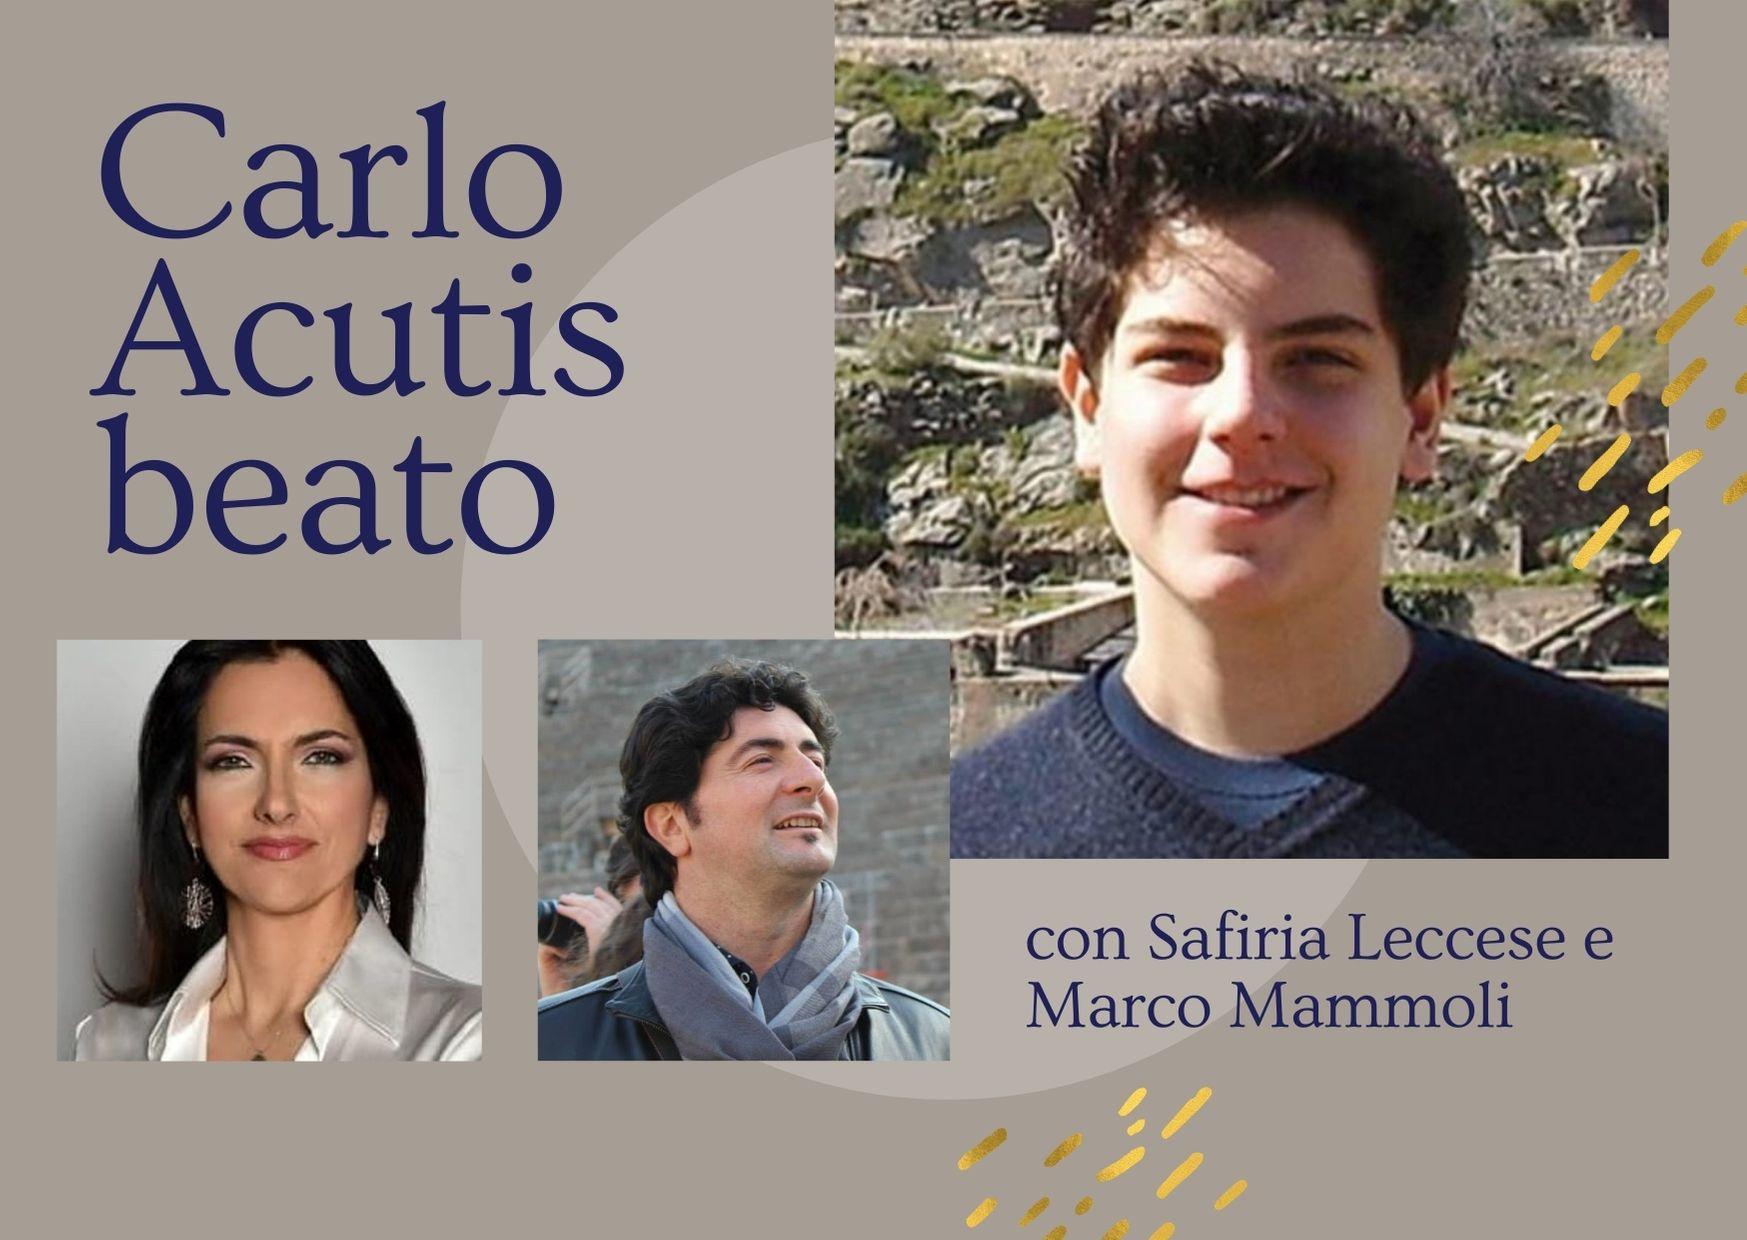 Programma radio Mondo migliore con Safiria Leccese e Marco Mammoli